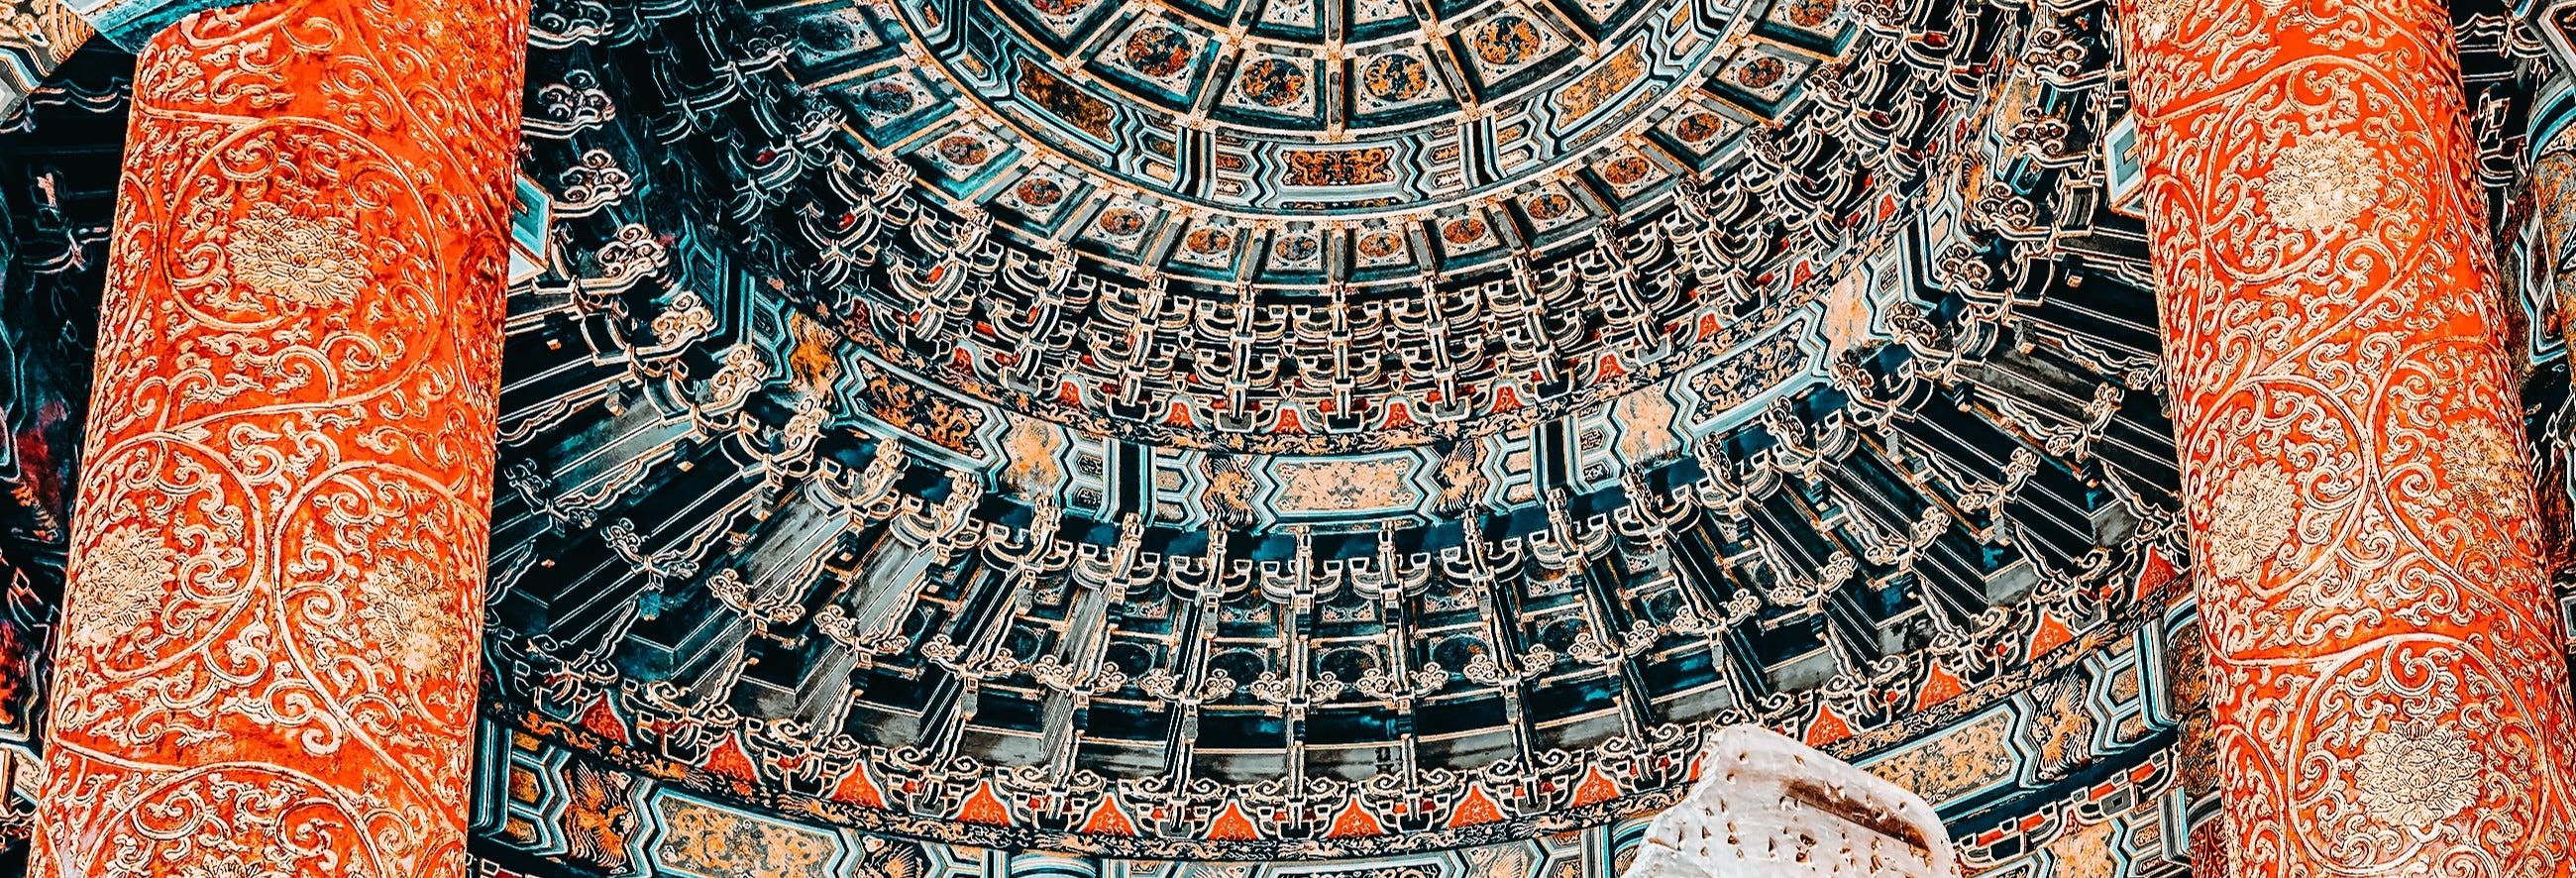 Templo del Cielo y Palacio de Verano